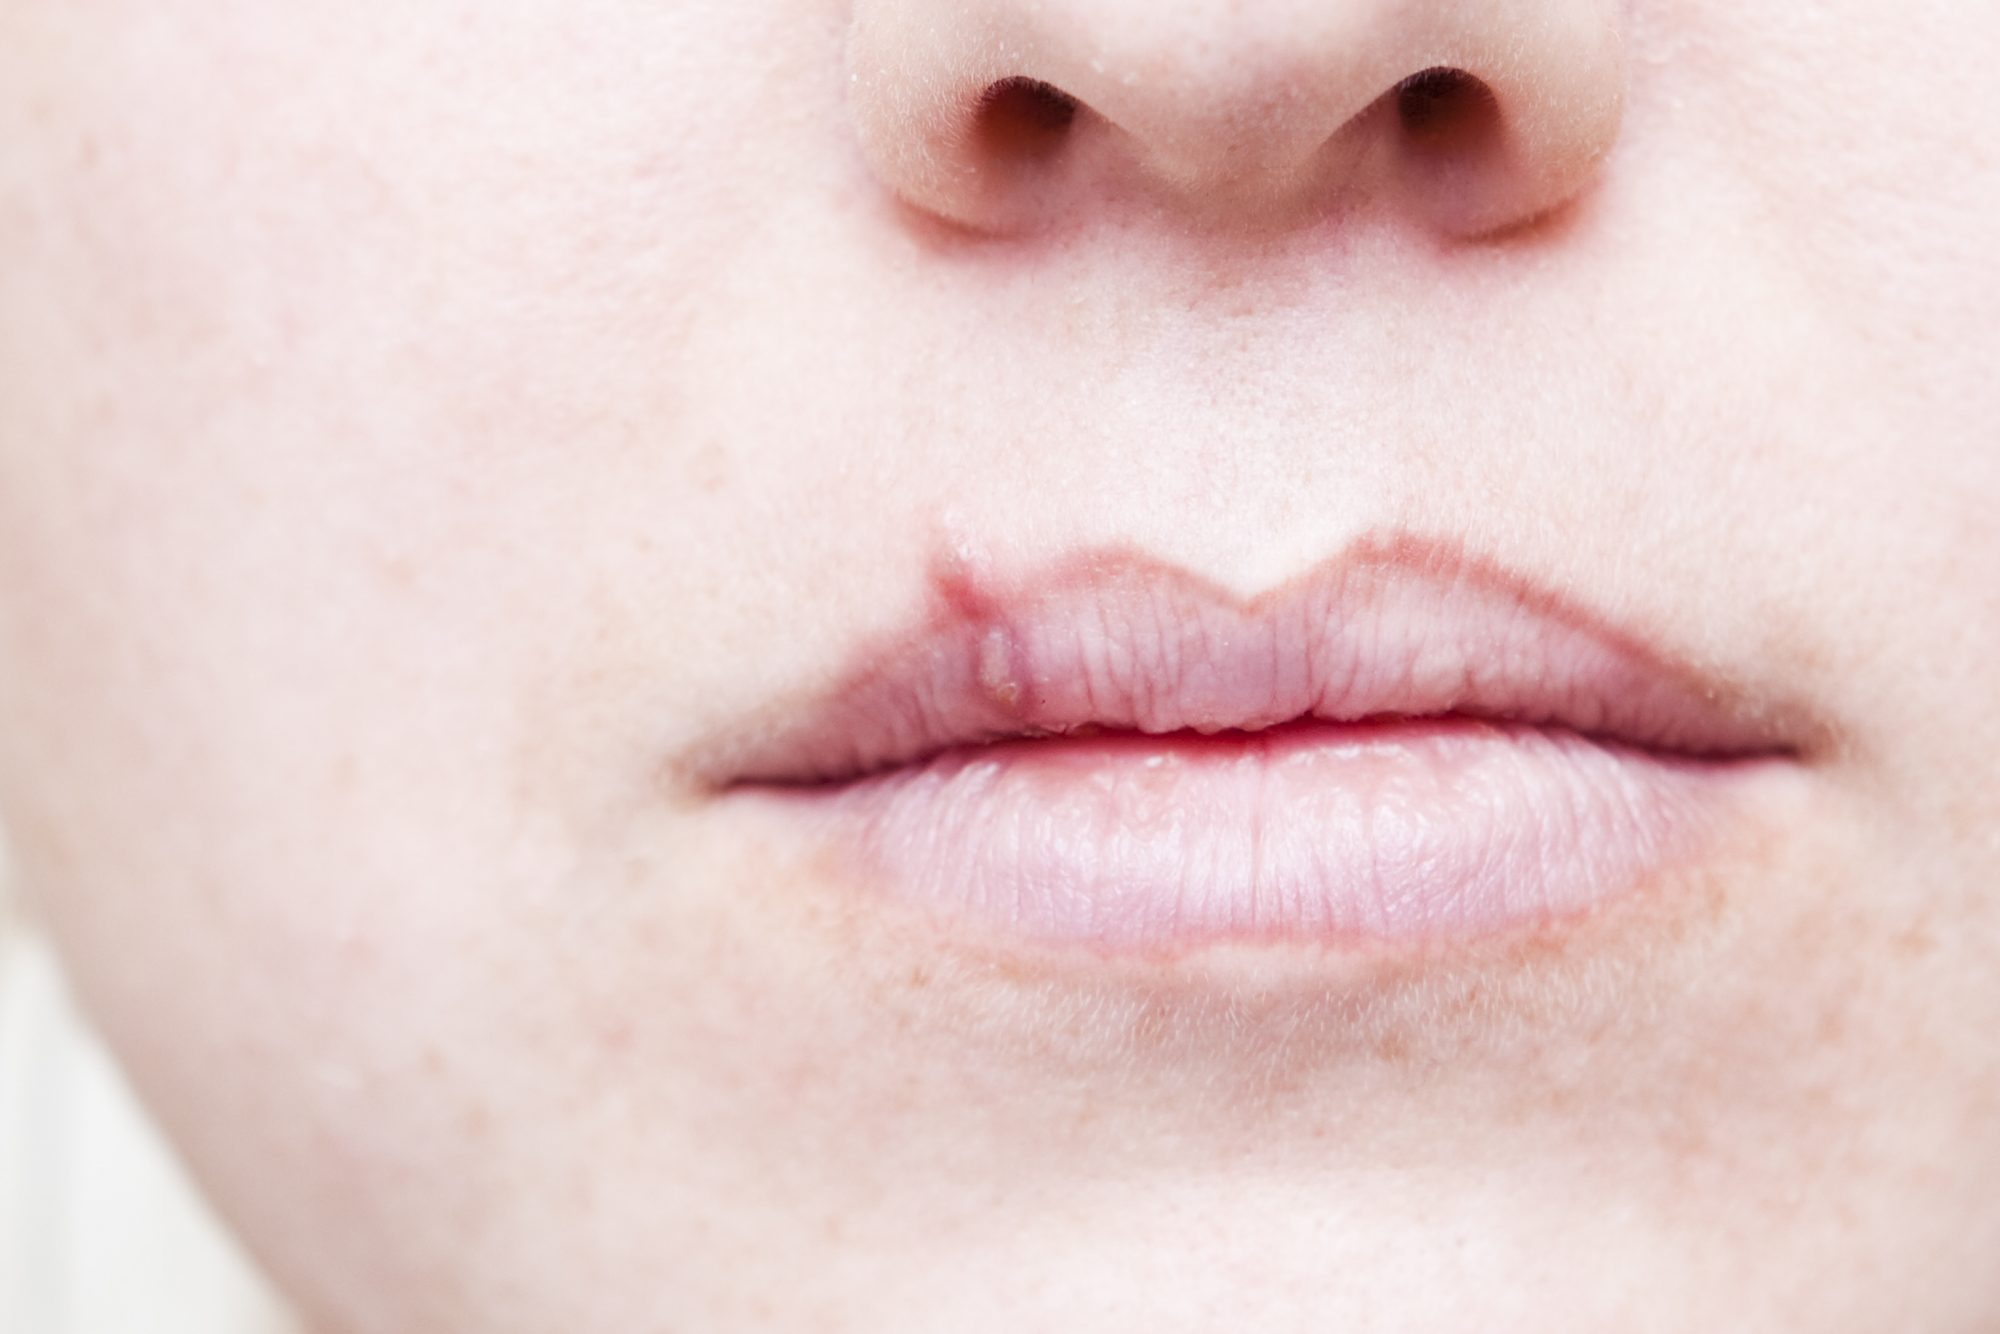 skin emergency cold sore treatment